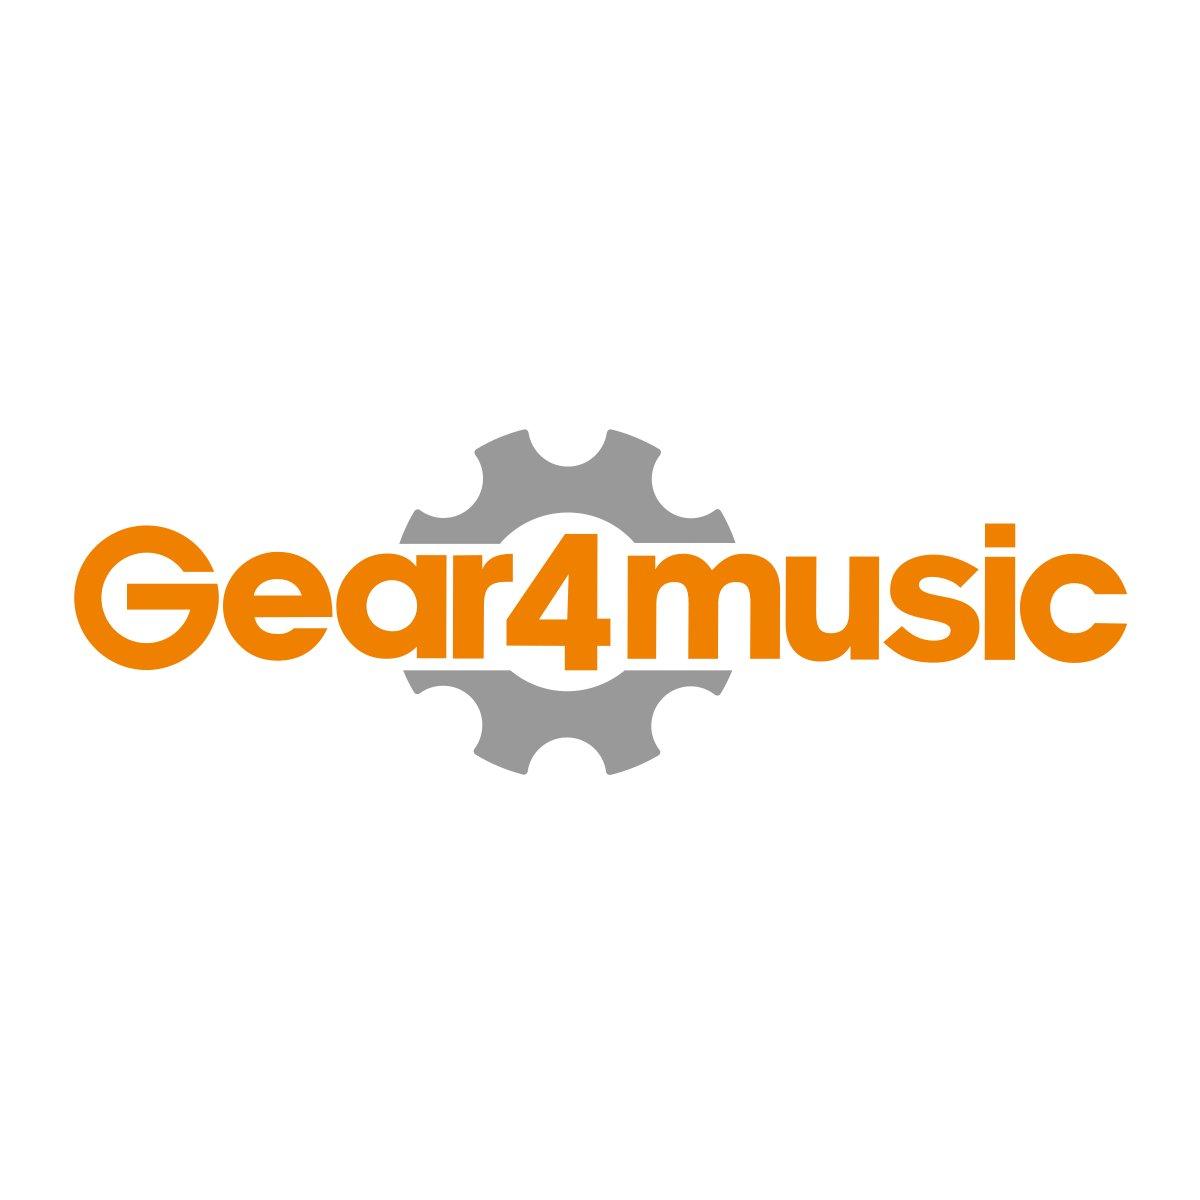 Edullinen Sähkökitaralaukku Hihnoilla, Gear4music